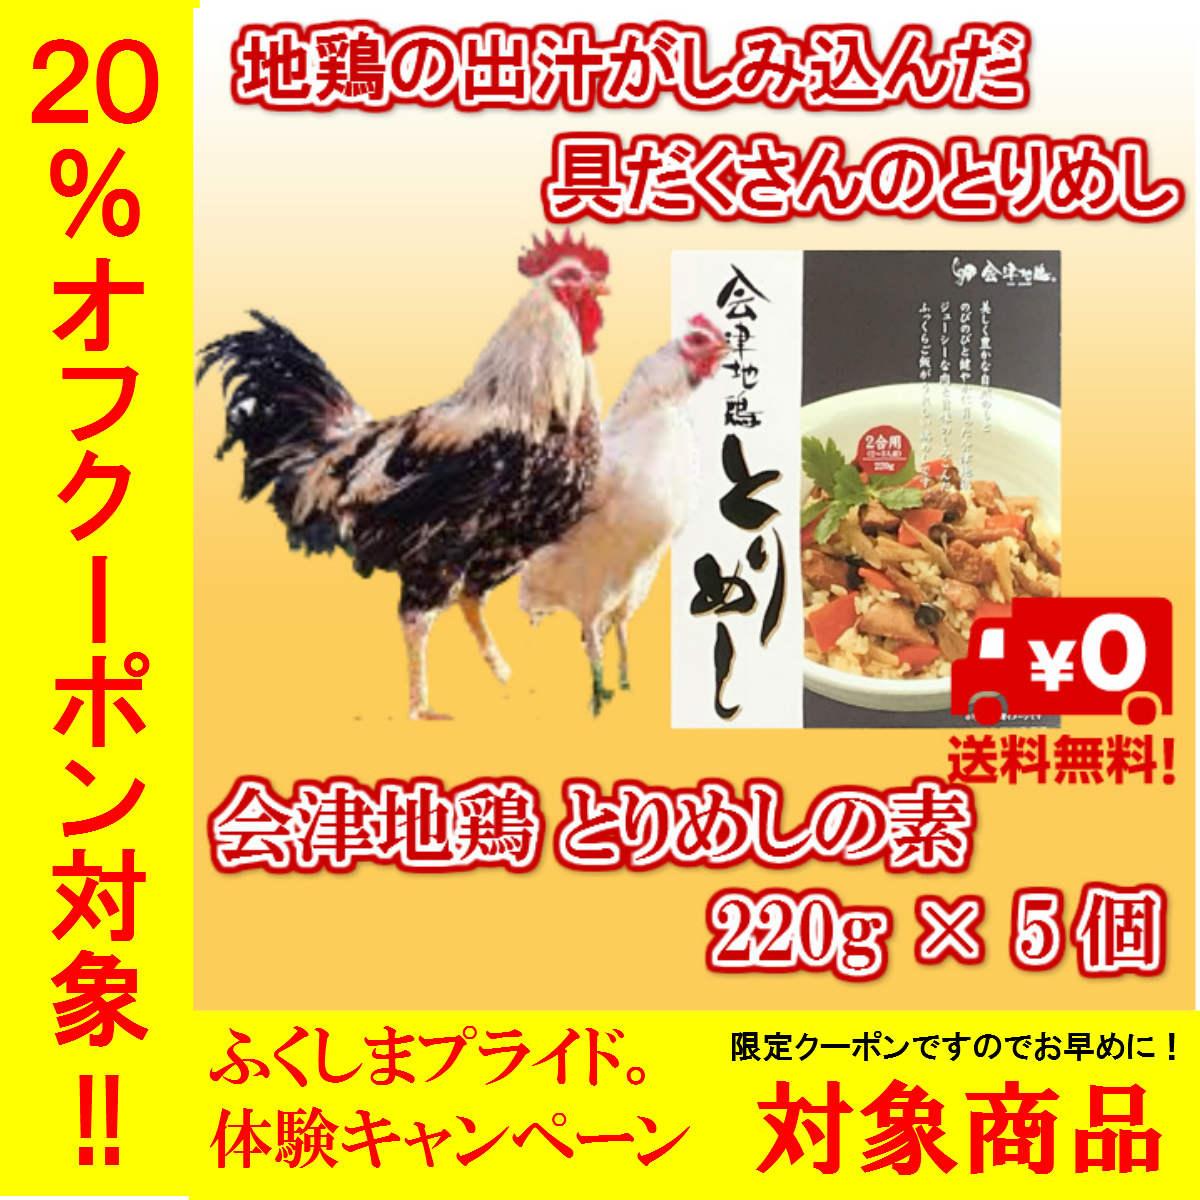 会津地鶏 鶏めしの素 とりめし レトルト 詰合せ 会津地鶏ネット 送料無料 220g x 5個 ふくしまプライド